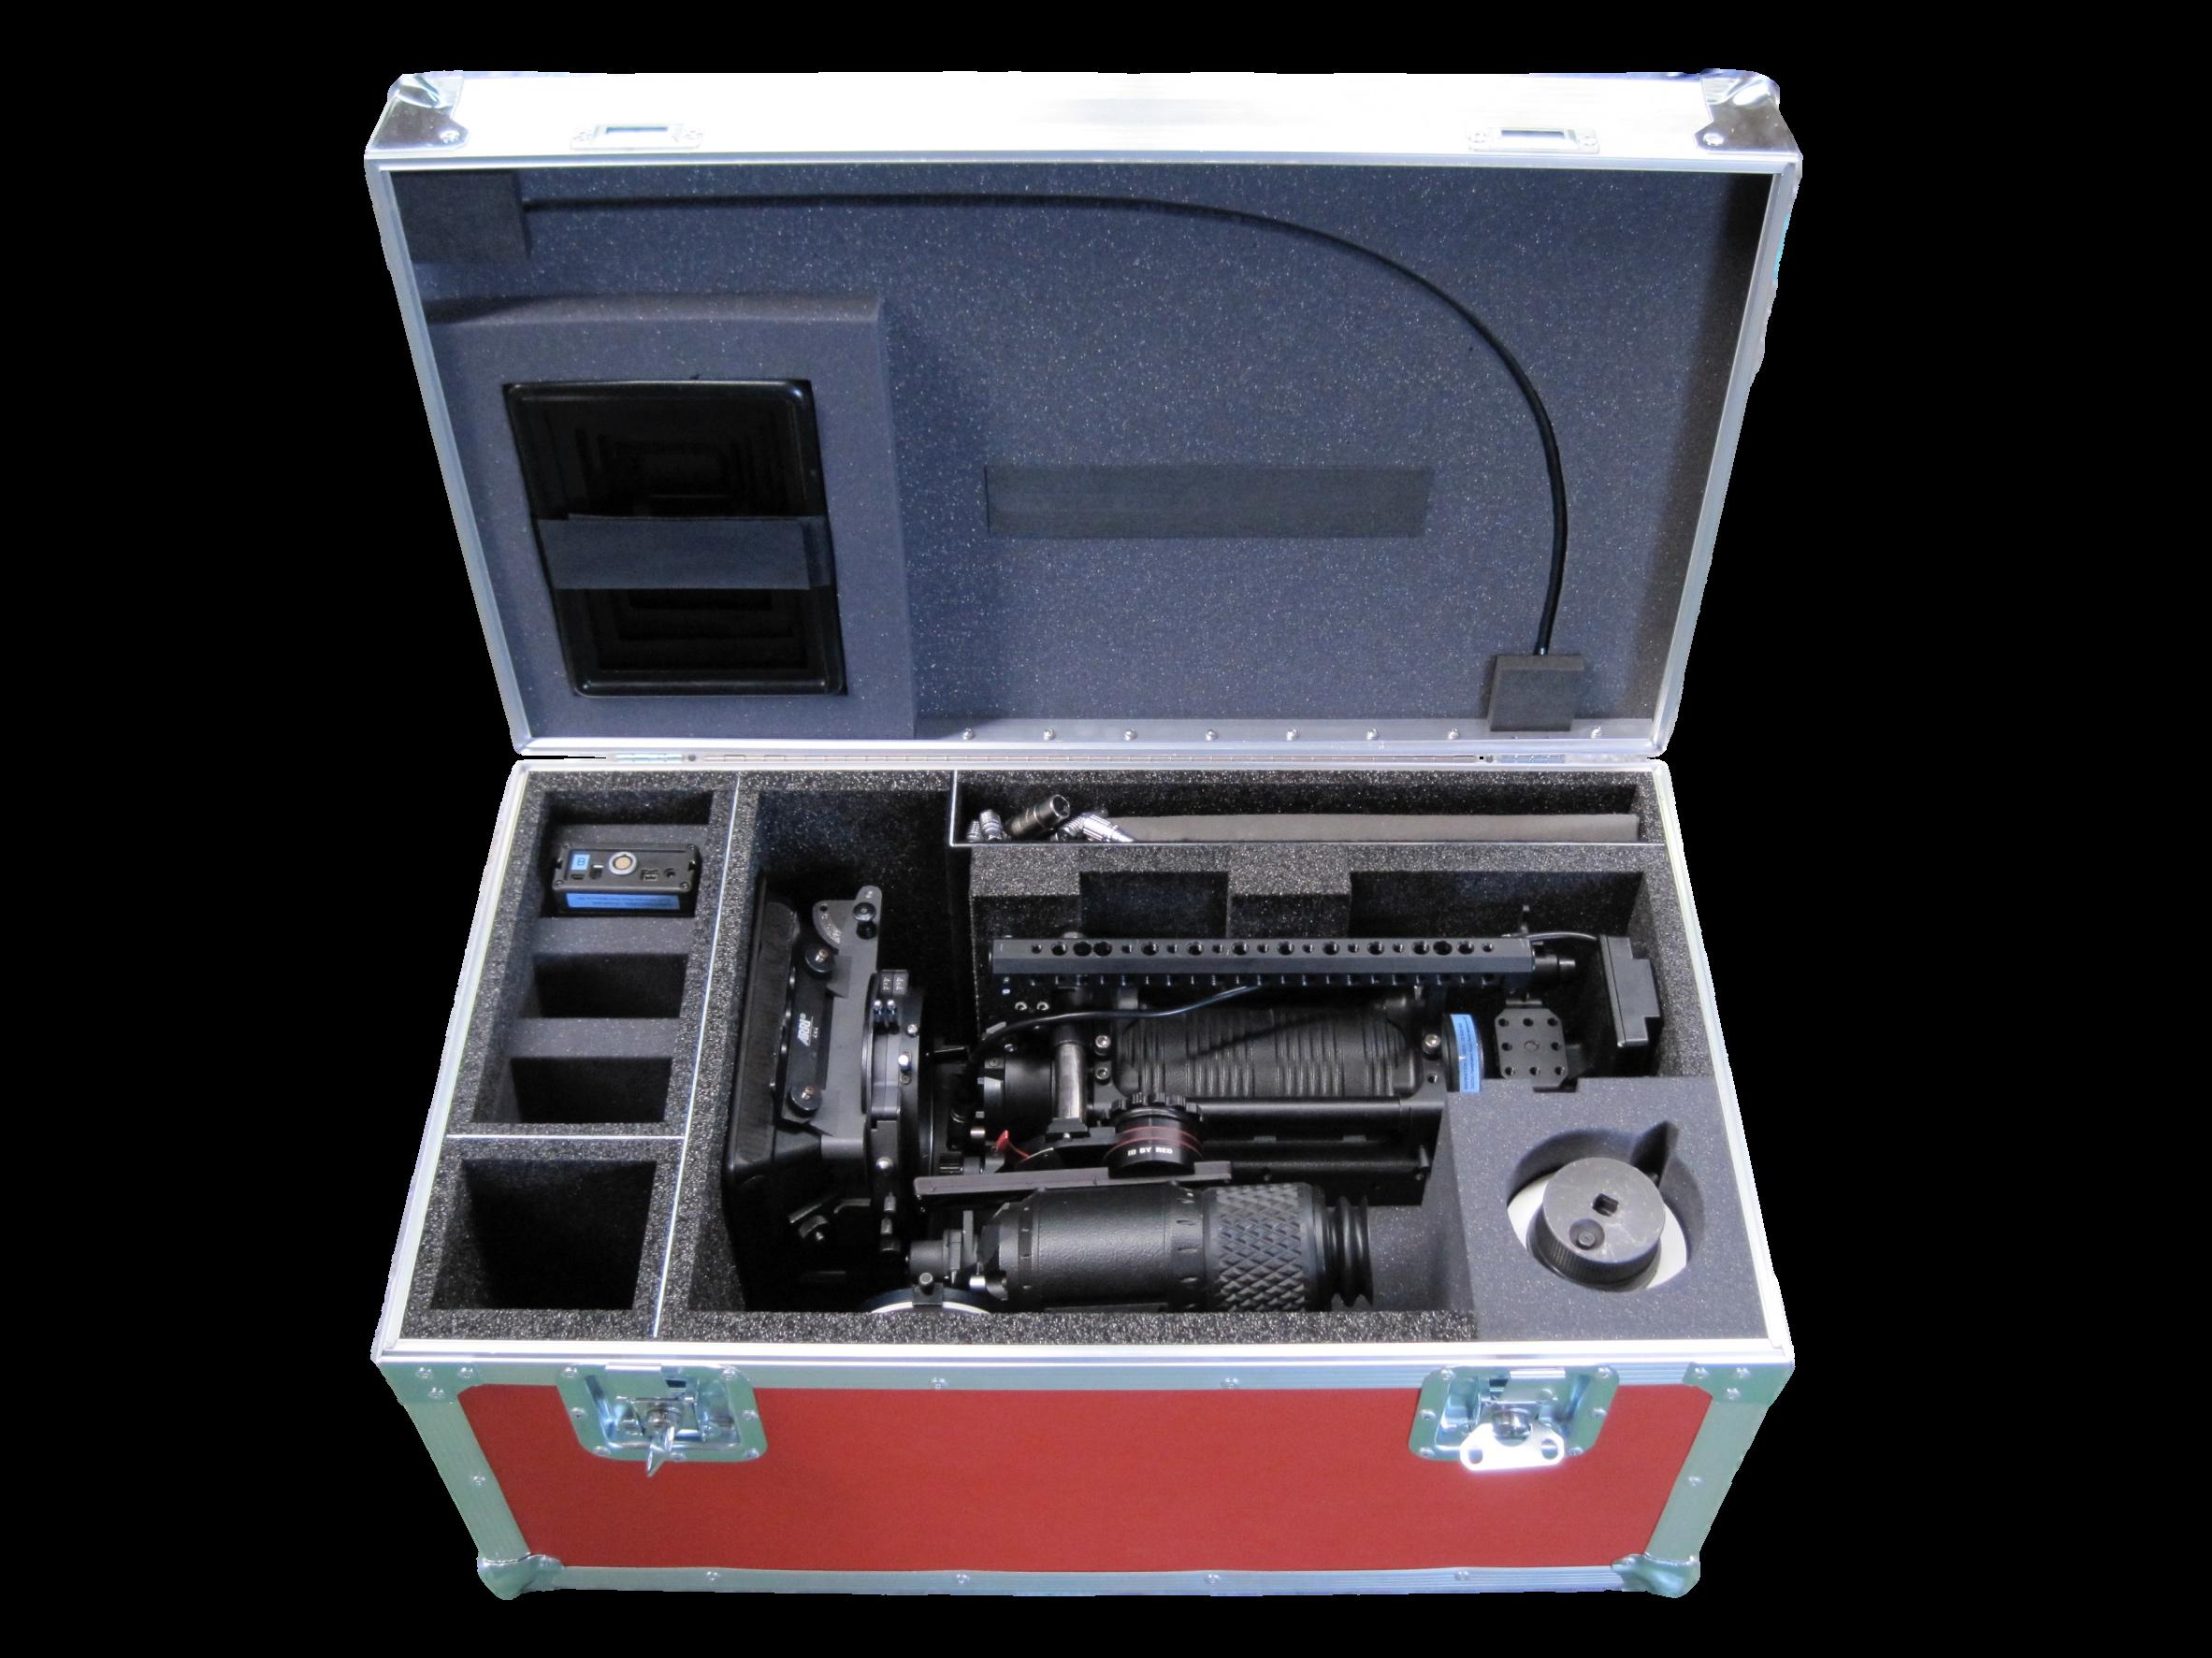 29-400 PU, Etha-220 & Plastazote Camera Case Fit-Out